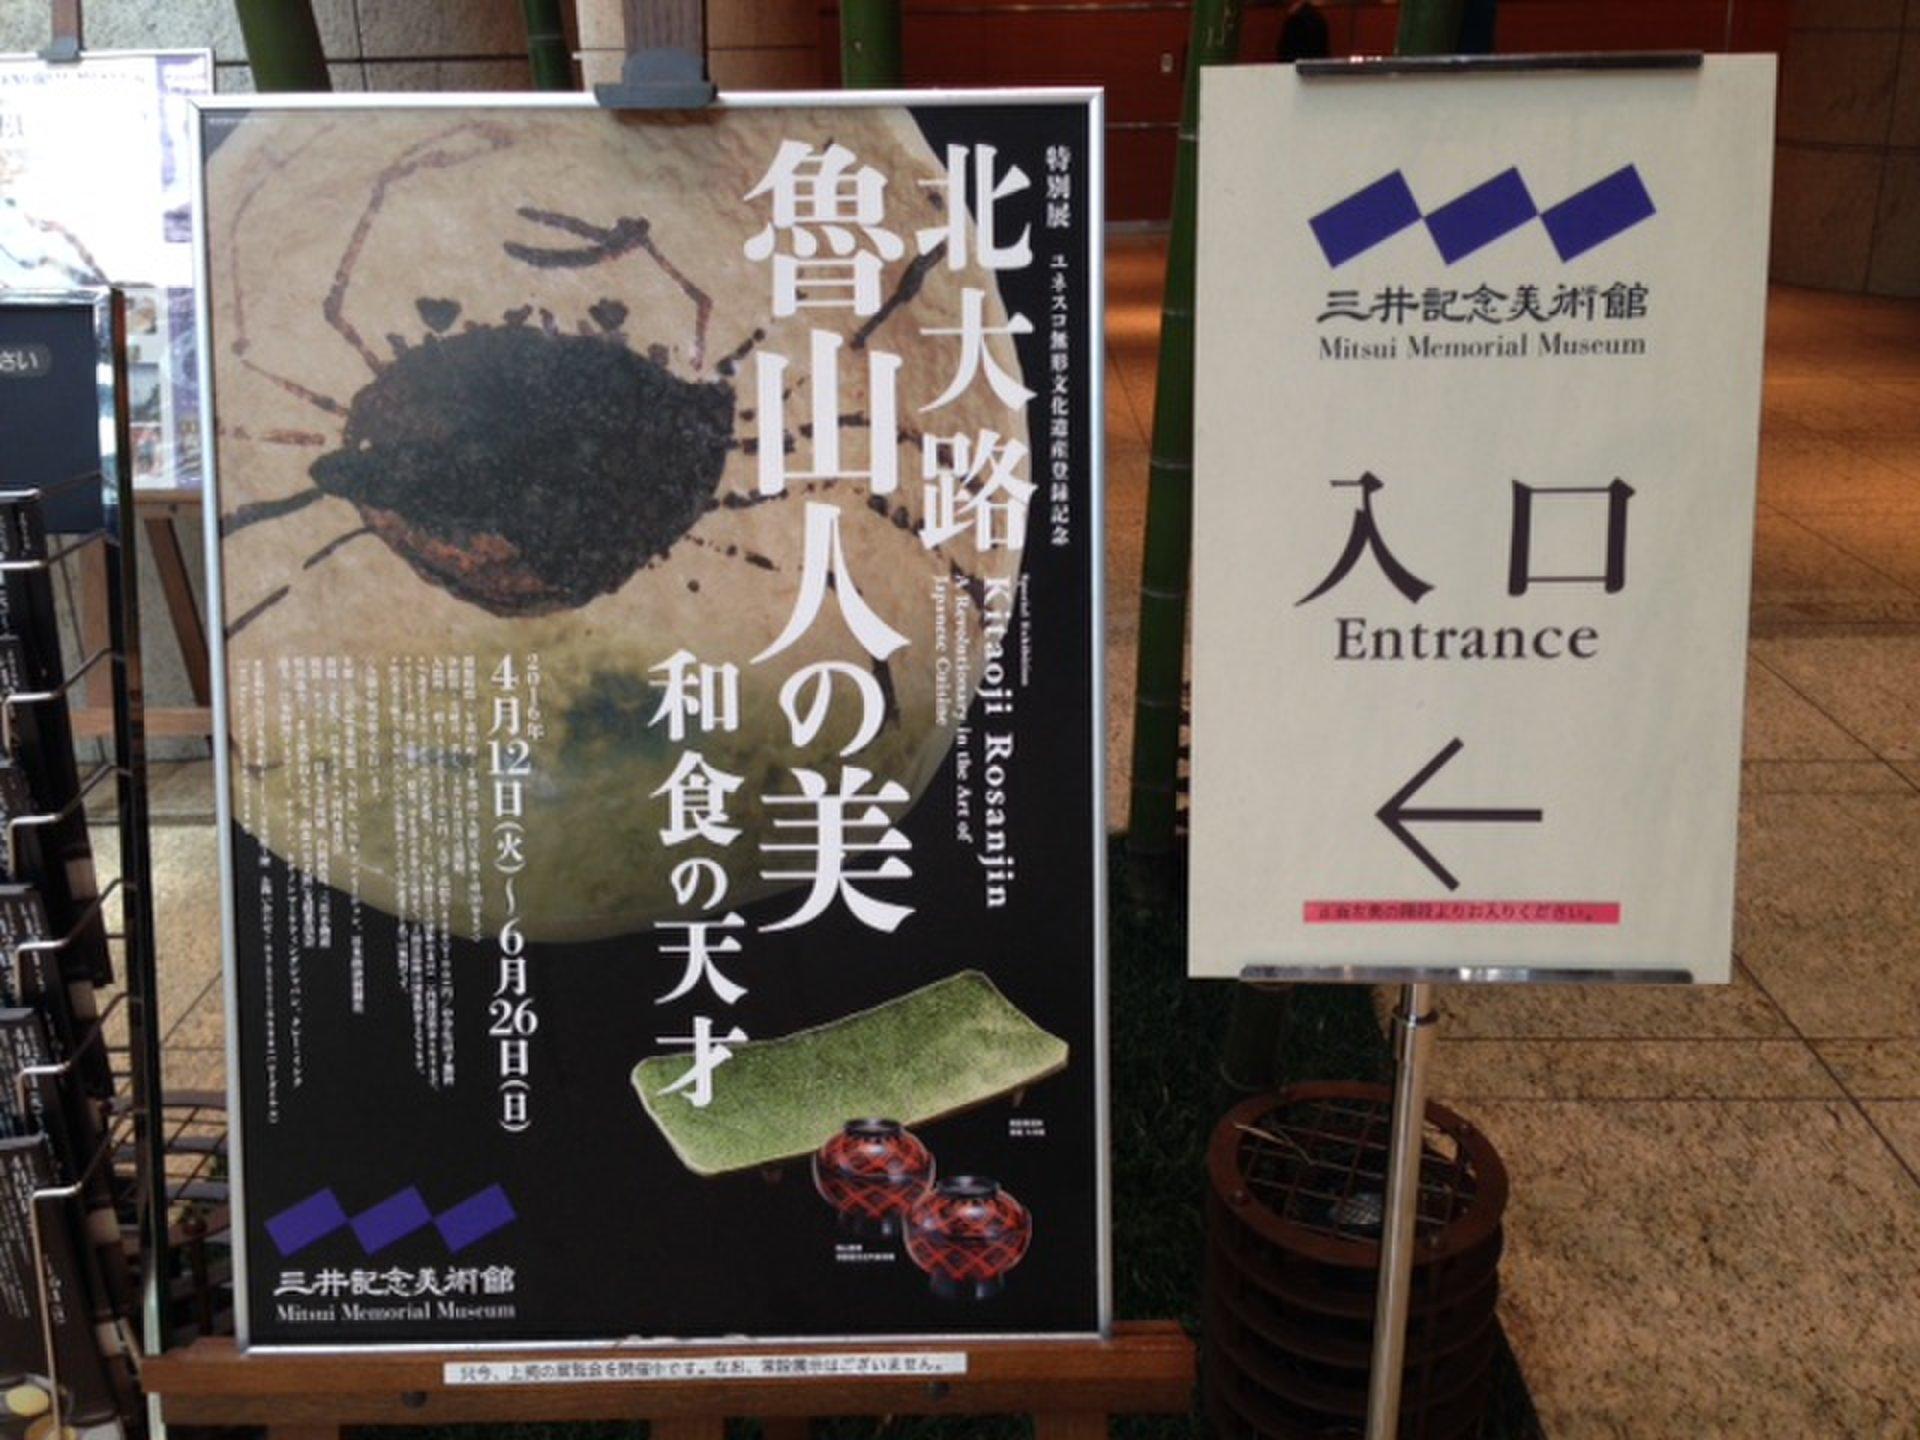 【日本橋】三井記念美術館で日本・東洋の美に触れて、ミシュラン店カフェでゆっくりな休日♪